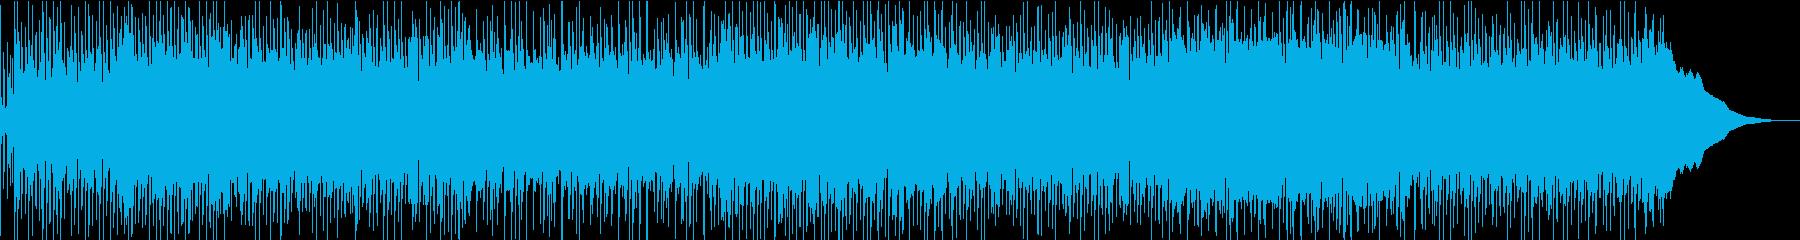 アコースティックなブルーズ・ロックの再生済みの波形